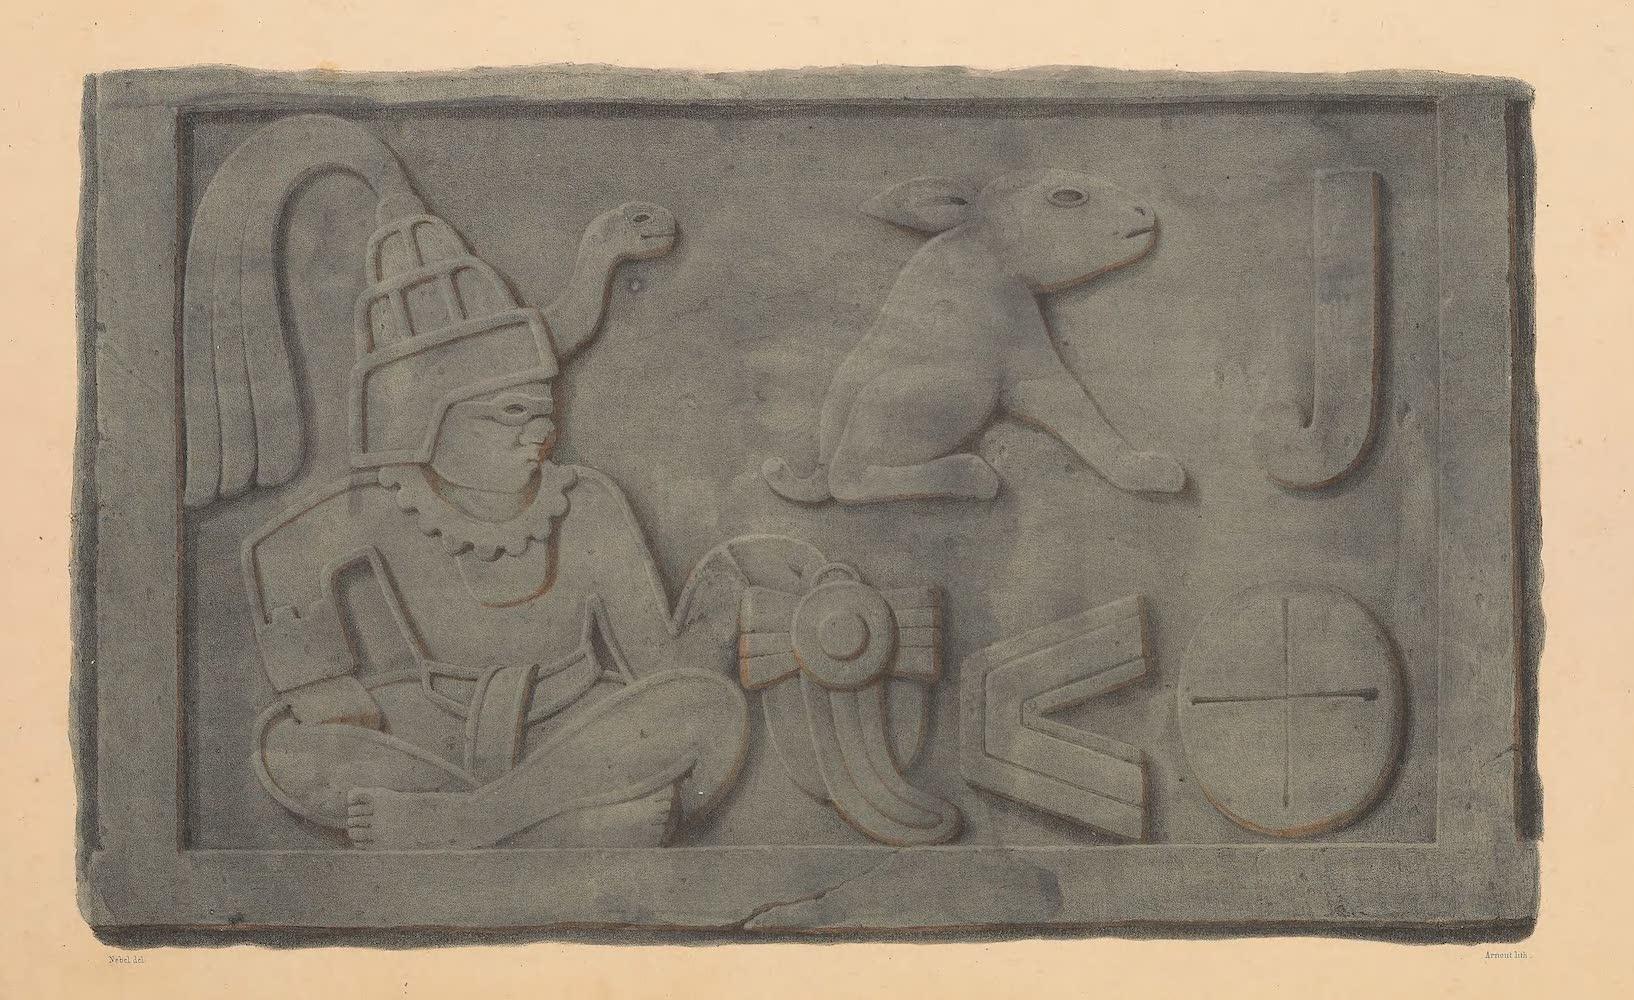 Coleccion de las Antiguedades Mexicanas - Bajo-Relievo de la Piramide de Xochicalco (1827)